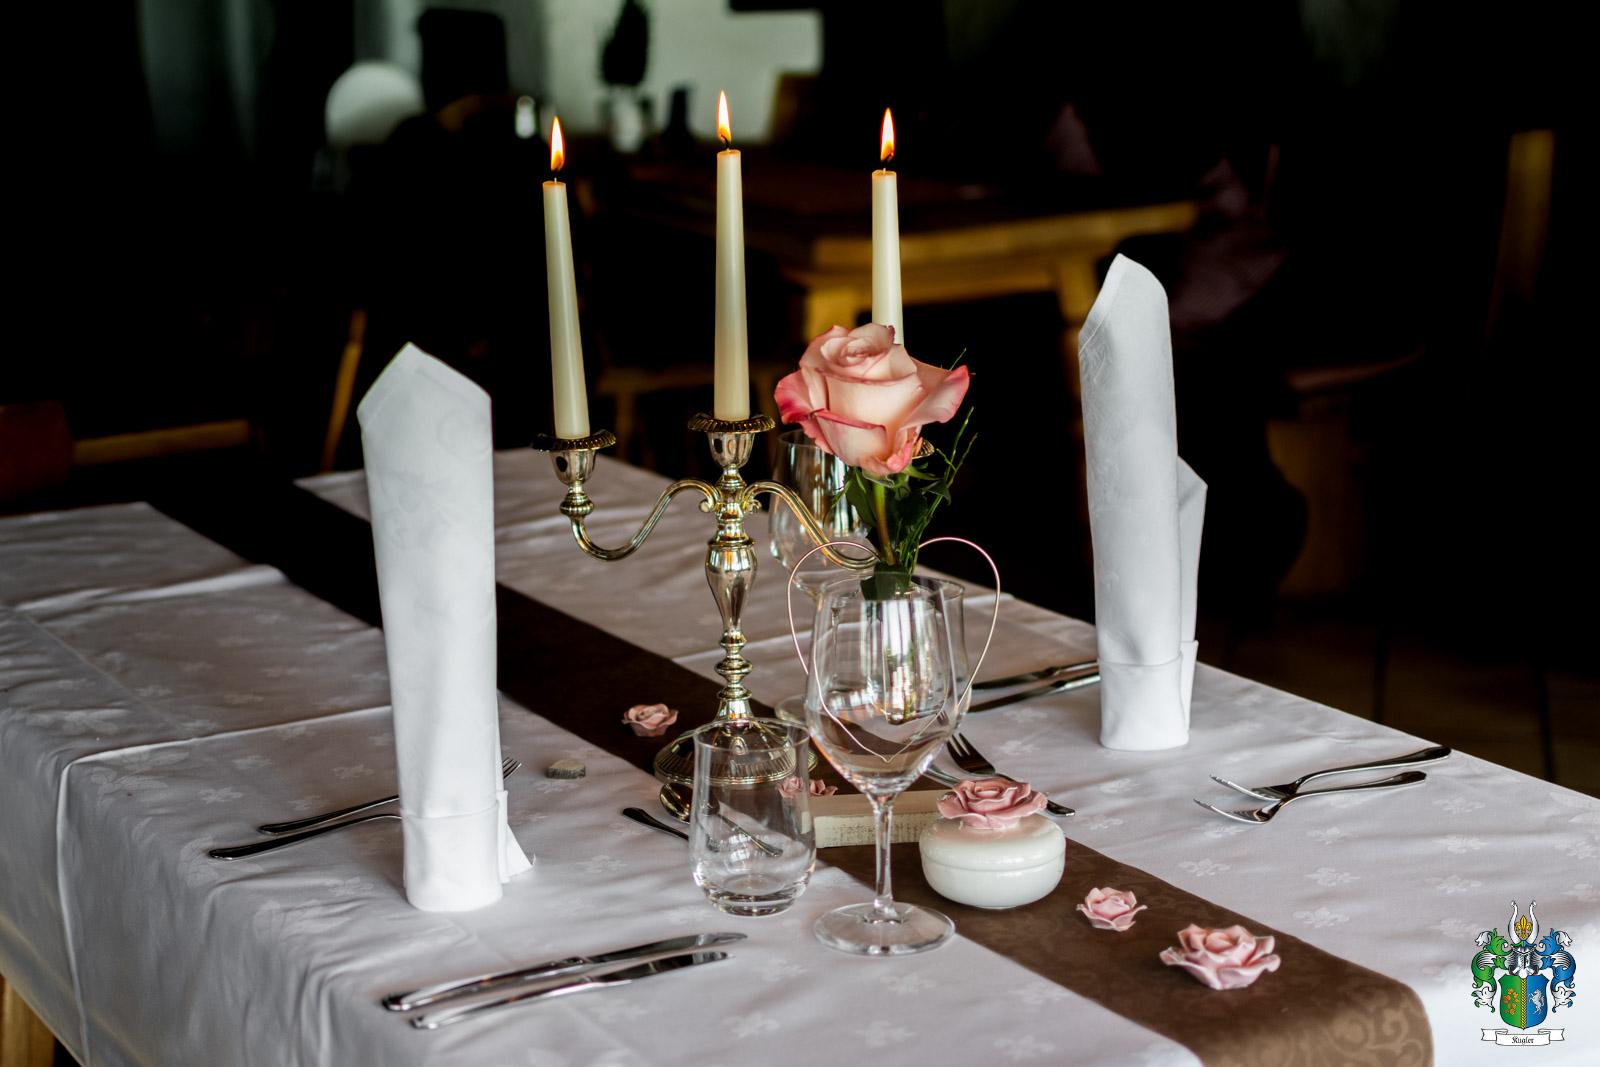 Die Kugleralm als Ihr romantisches Restaurant im Osten von München erwartet Sie zum Candle light Dinner mit einem 4 - Gänge - Menü und einer Flasche Rot - oder Weißwein zur Auswahl